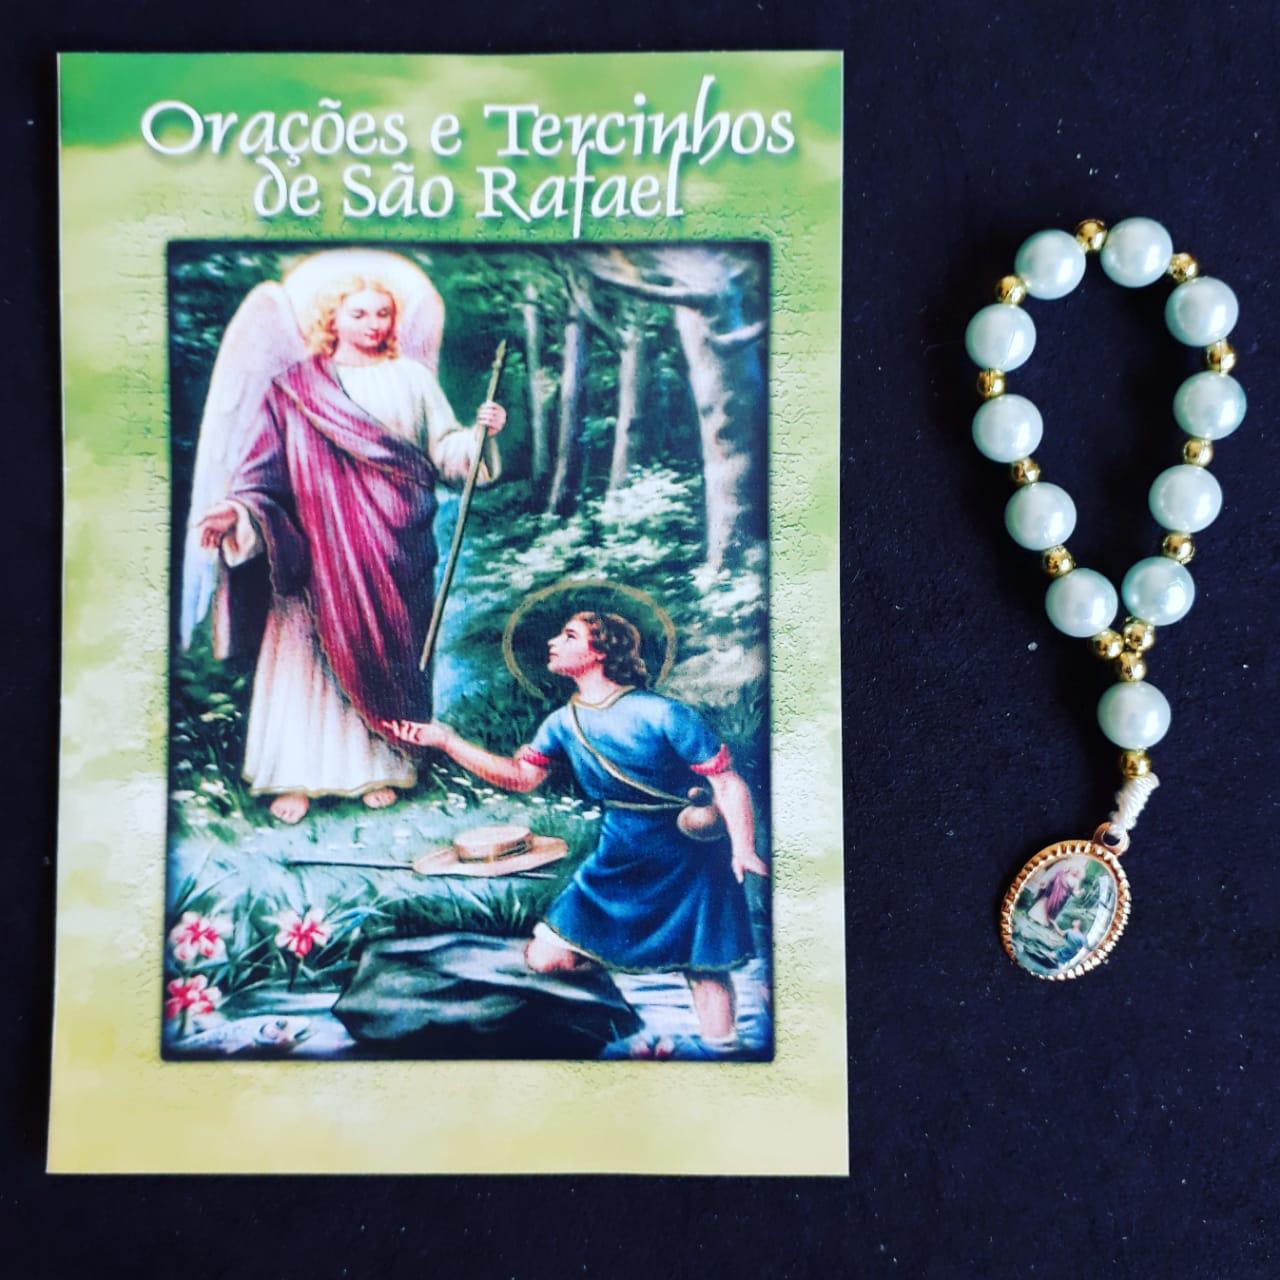 TR11 - Orações e Tercinhos de São Rafael c/ Dezena Perola 6mm  - VindVedShop - Distribuidora Catolica